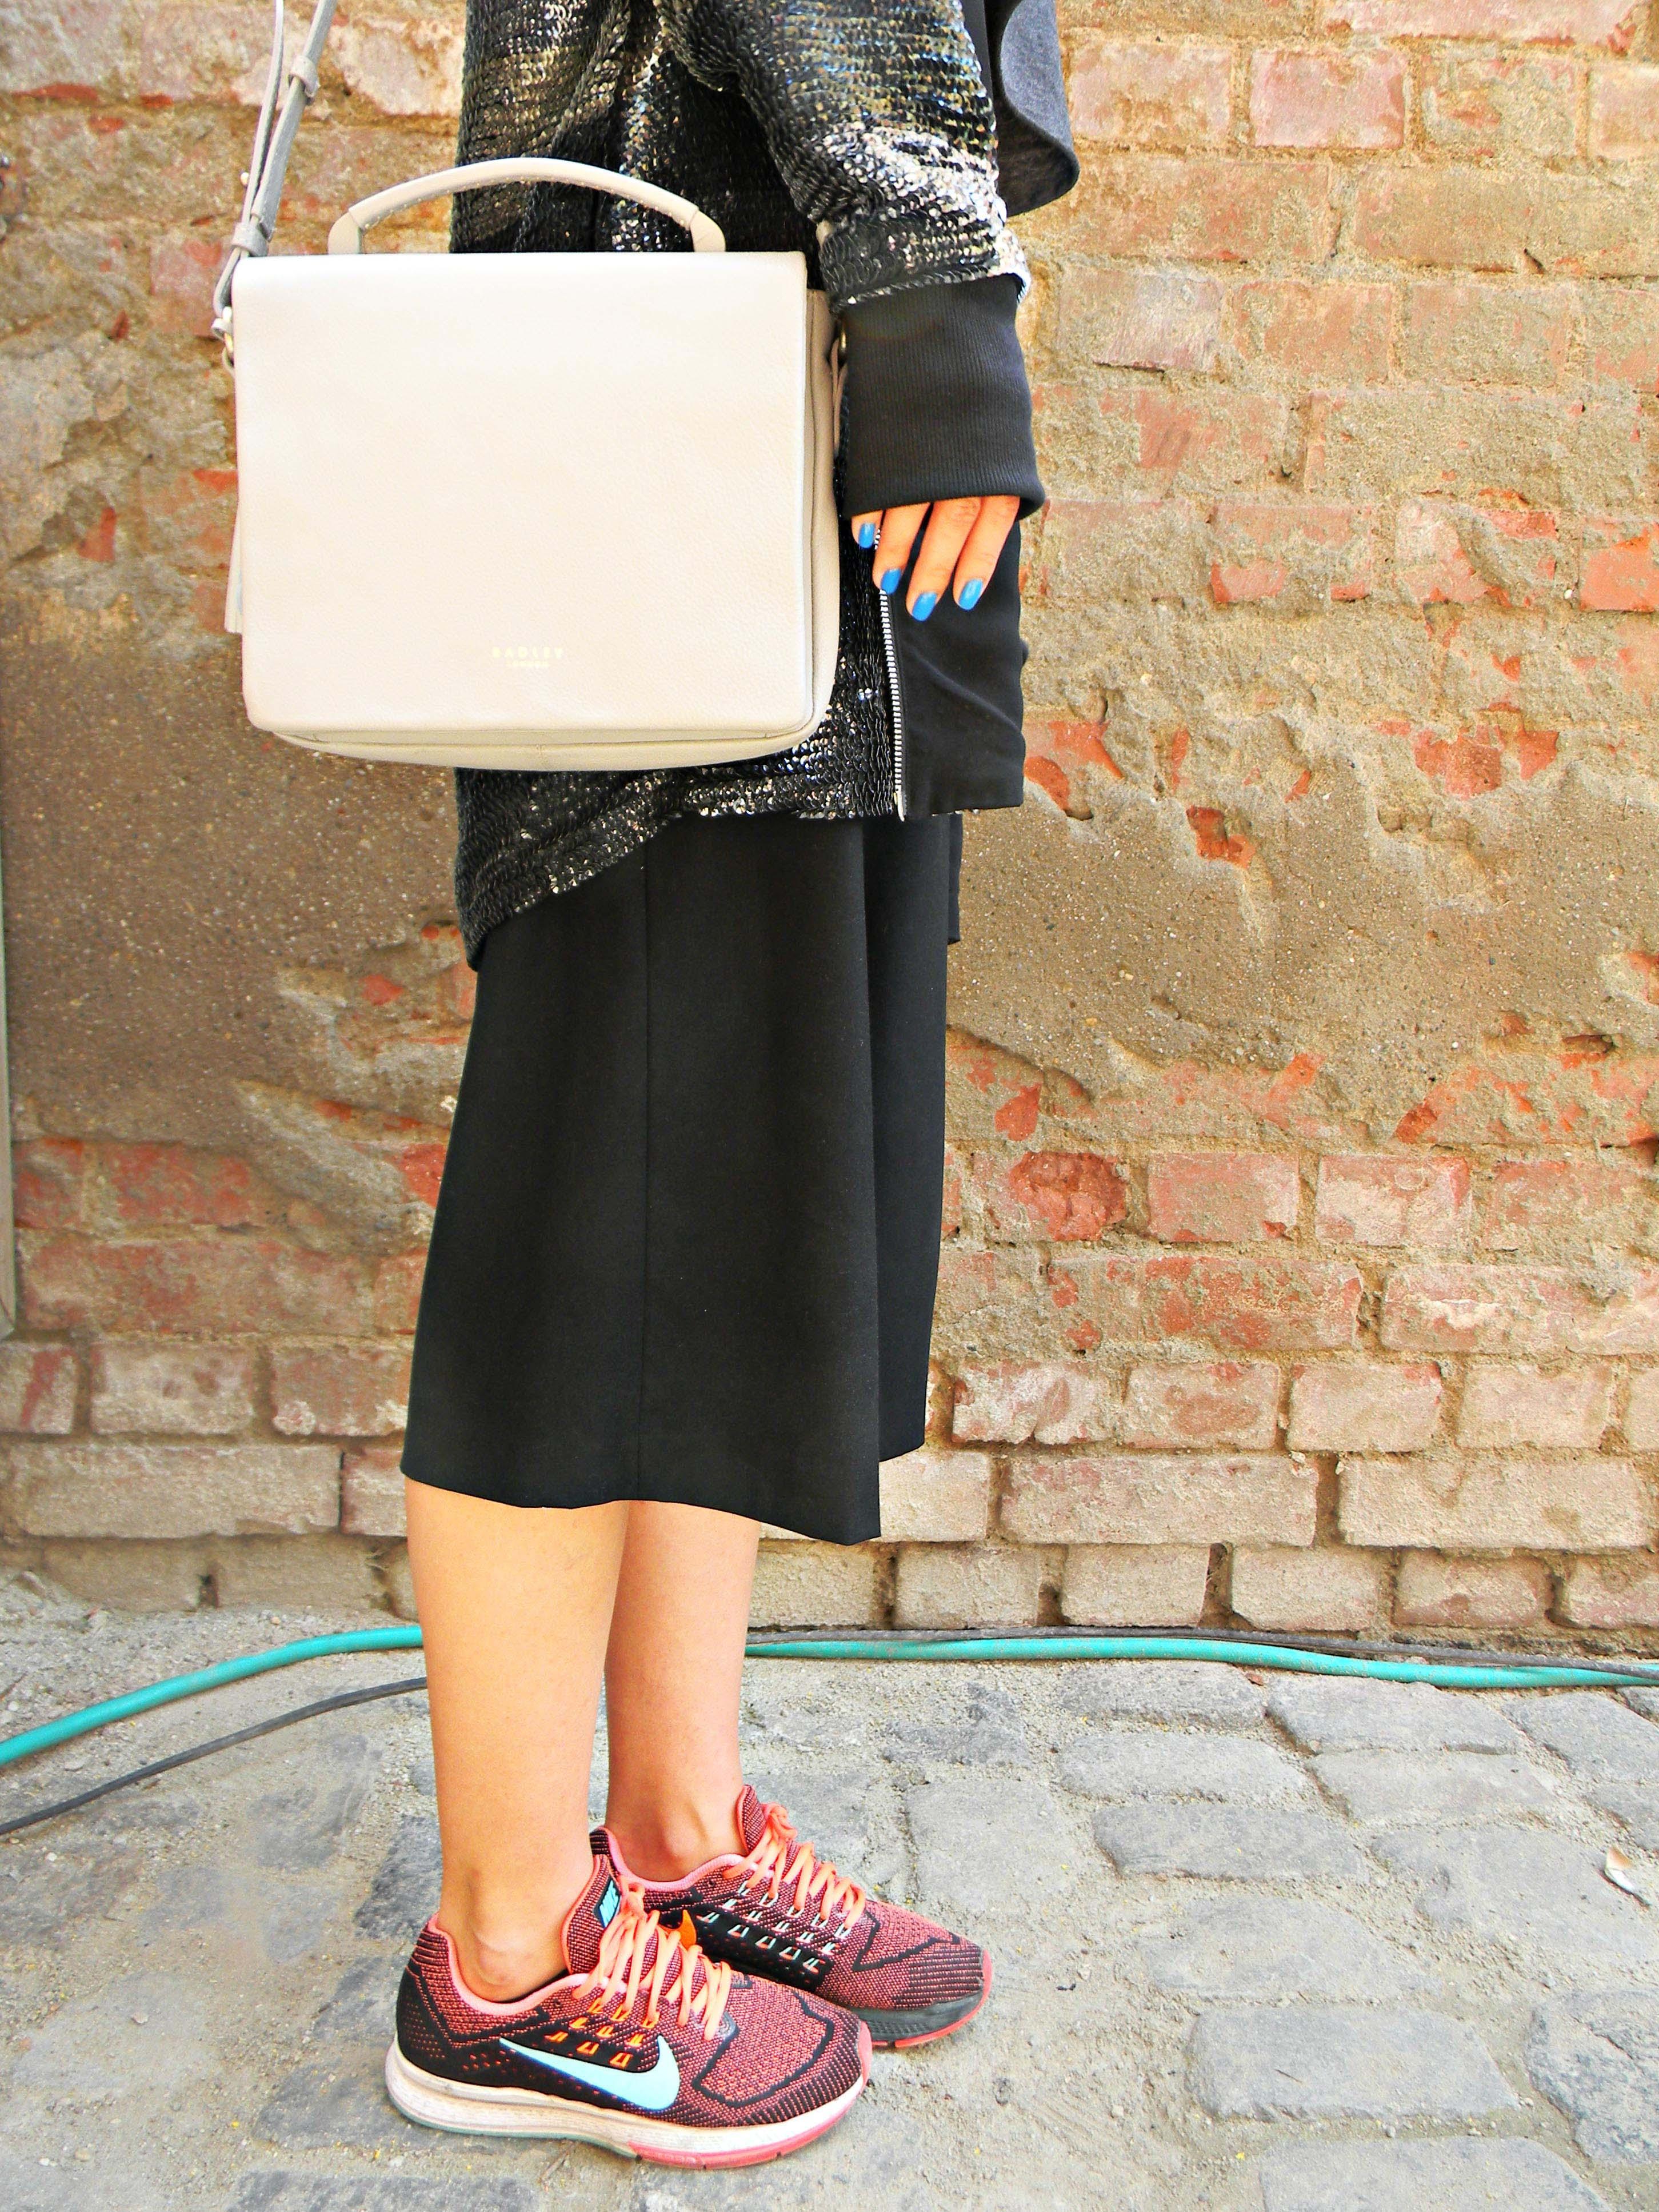 Ioana Vasii, street style, Nike shoes